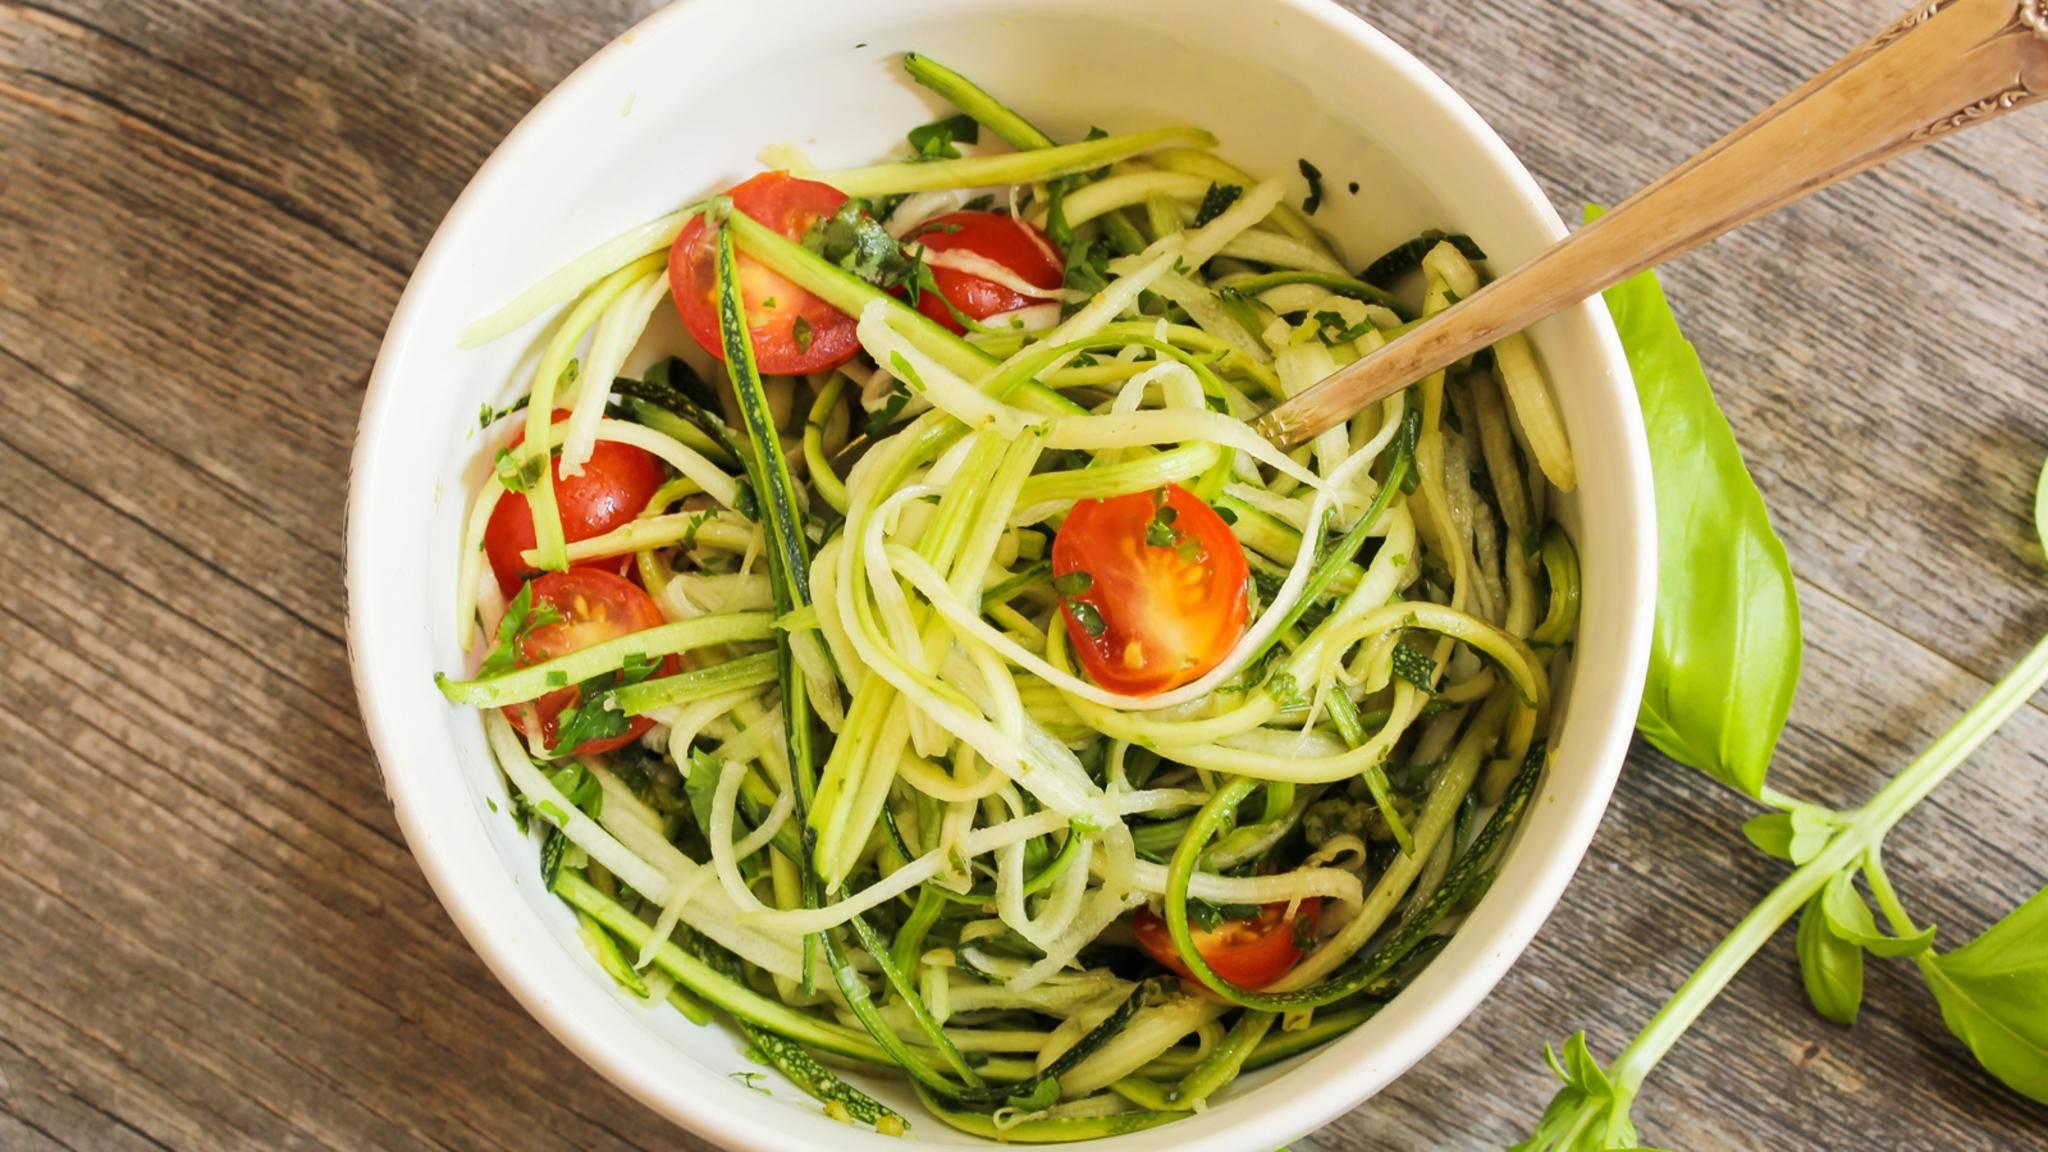 Gemüsenudeln herstellen? Mit einem Spiralschneider geht das im Handumdrehen.